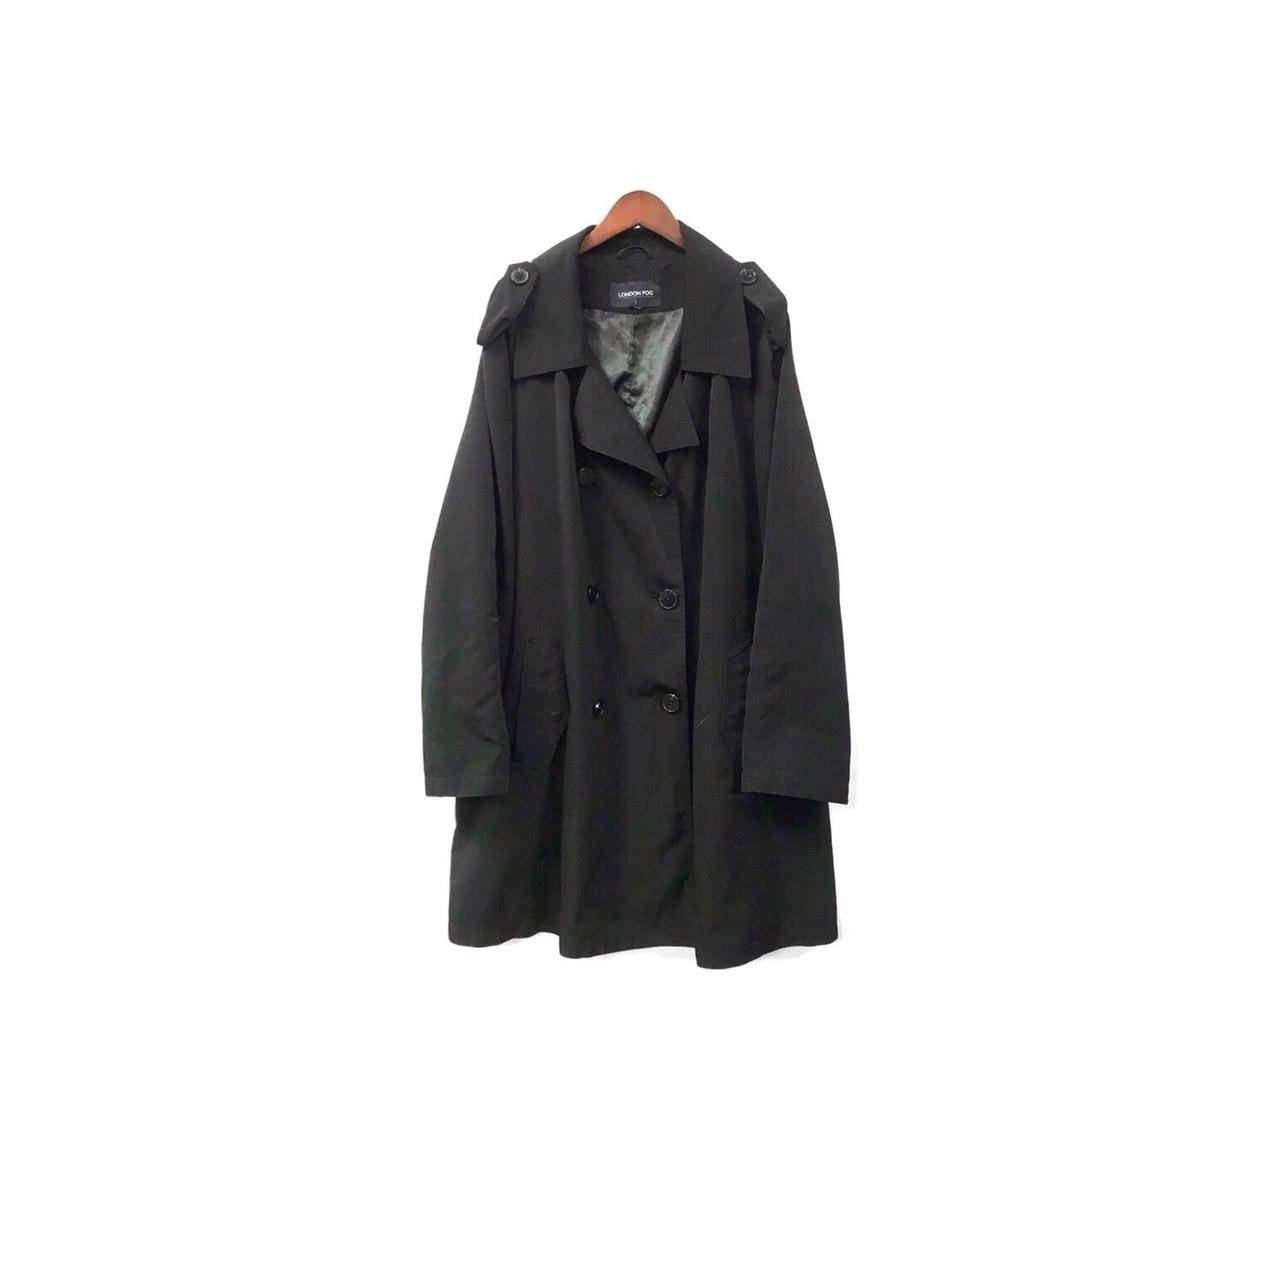 London Fog - Trench Coat ¥18500+tax → ¥14800+tax